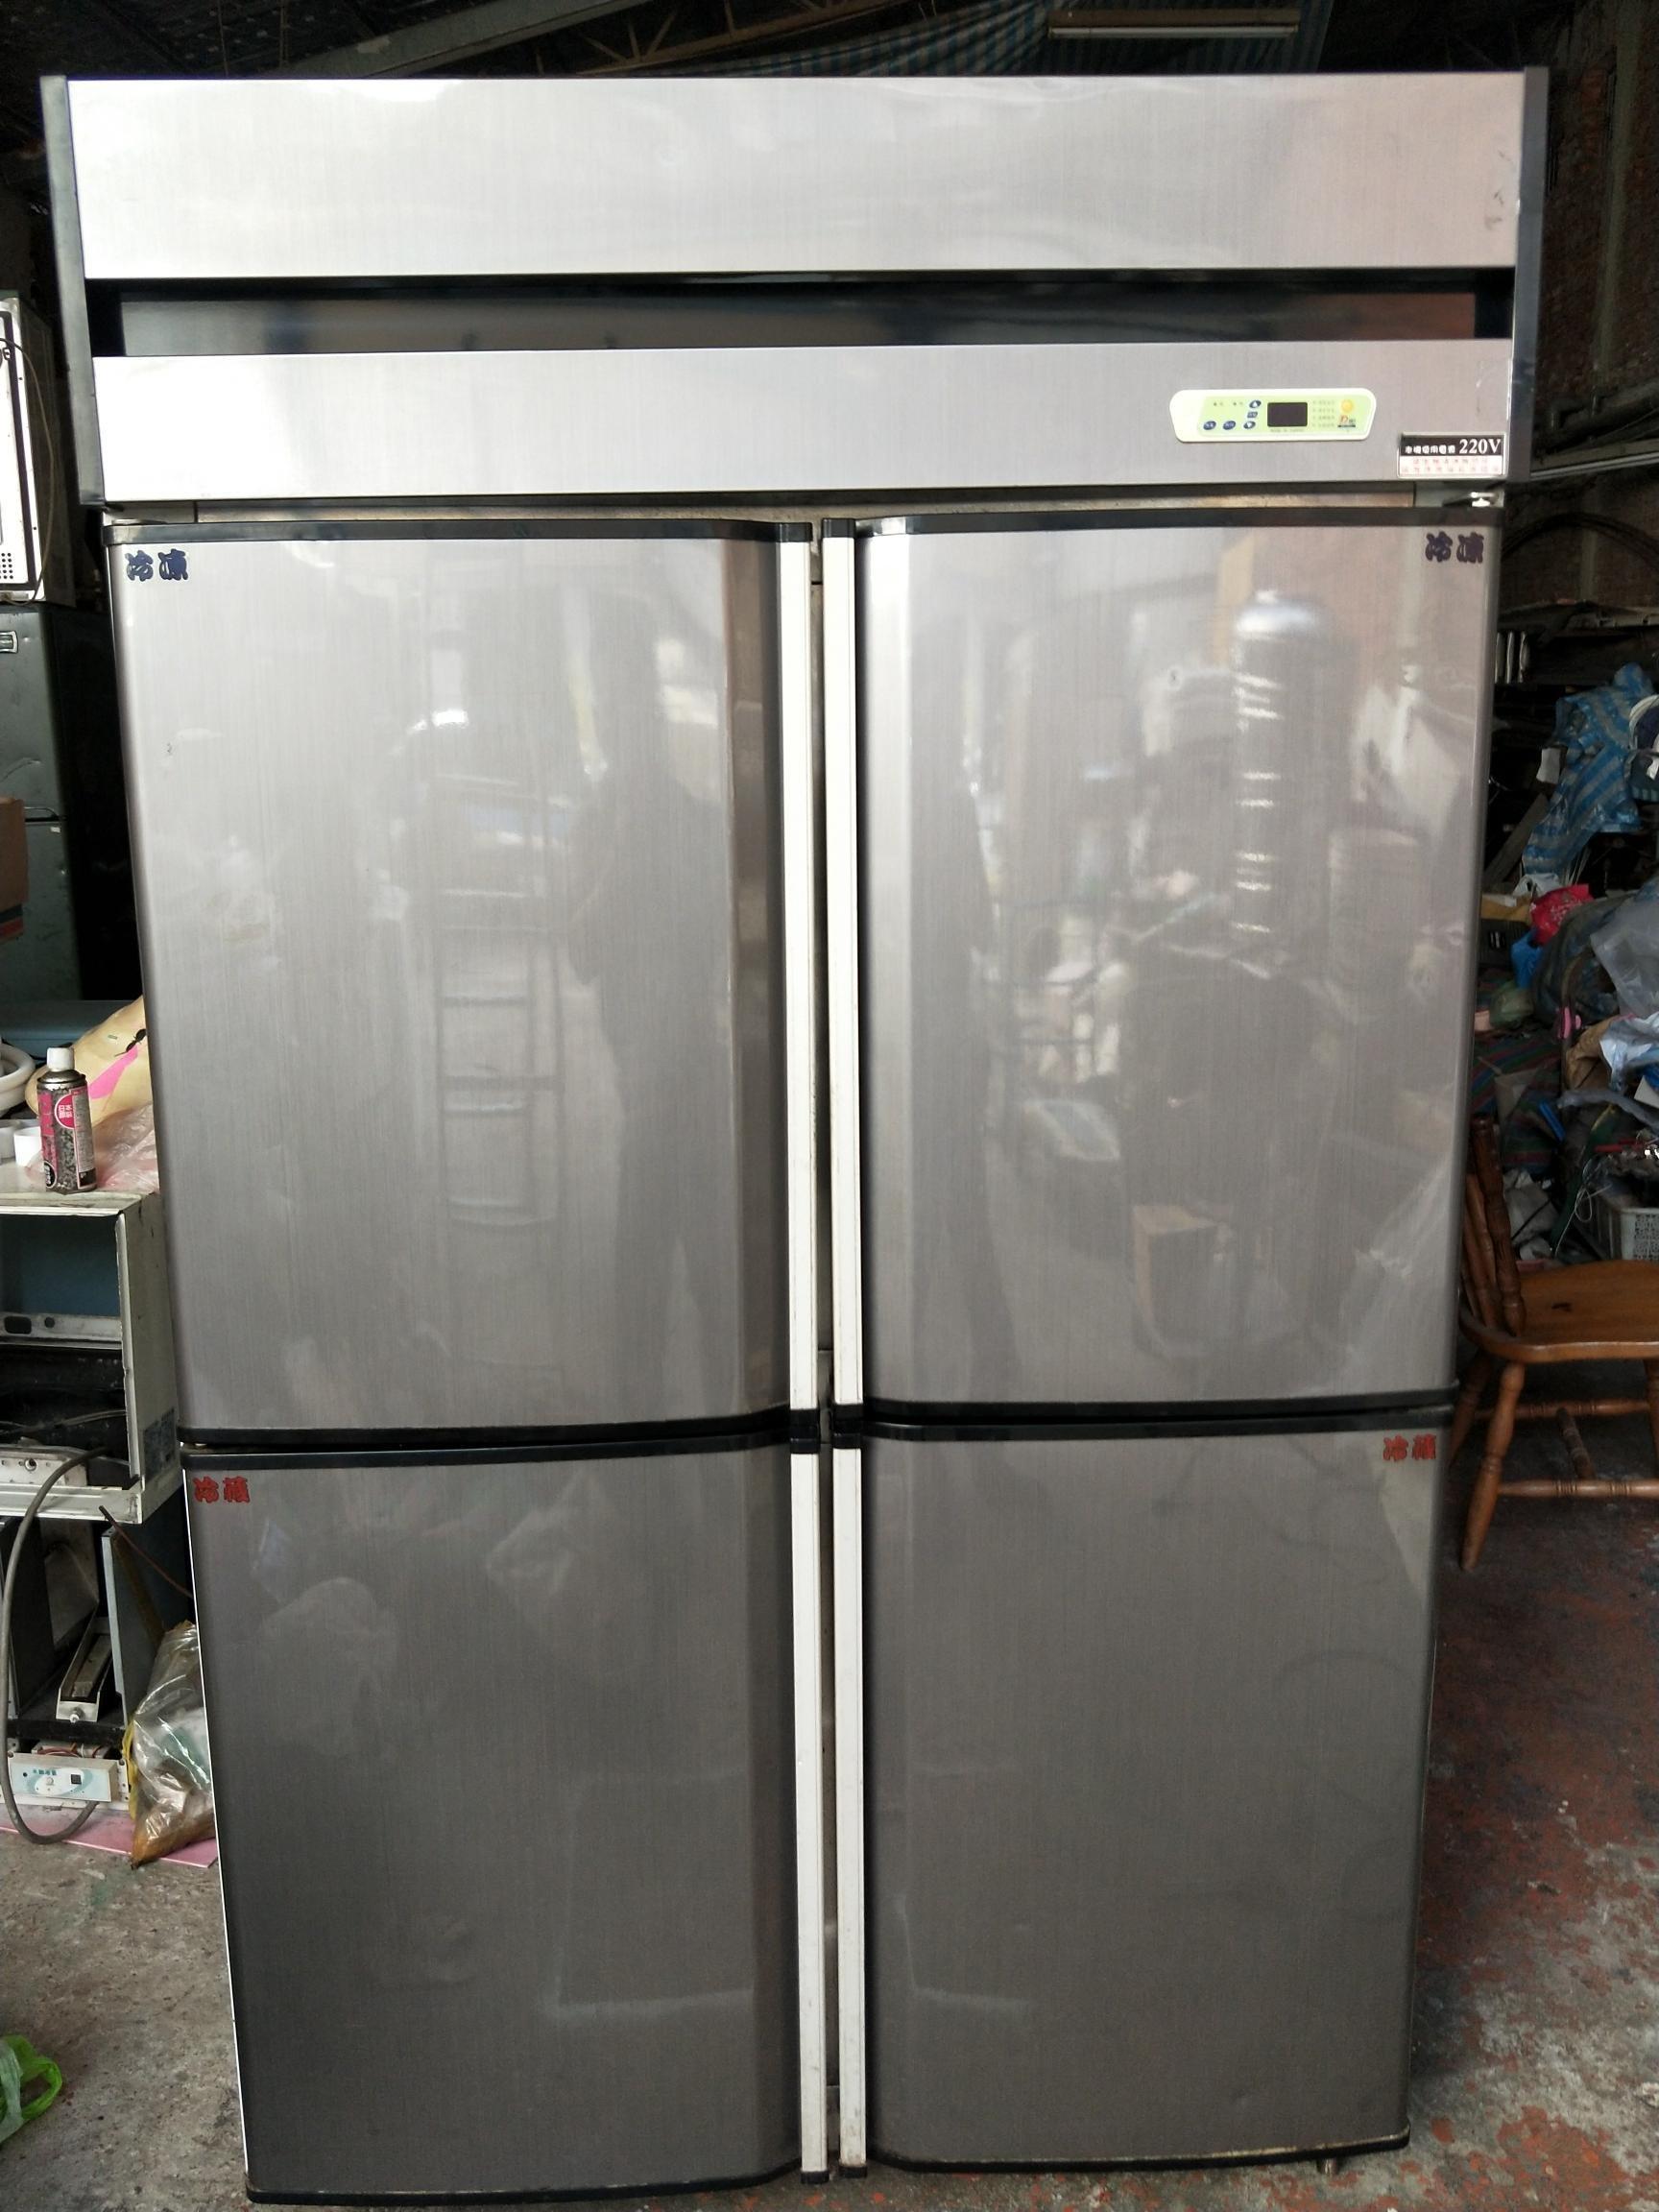 外修-商用家用冰箱 餐飲設備 製冰機冷凍櫃冷藏櫃 上掀式恆拉式冰櫃工作台冰櫃 雙門三門玻璃冷藏展示櫃 四門白鐵冰櫃 立式臥式各種冰箱全新中古二手故障維修理 回收